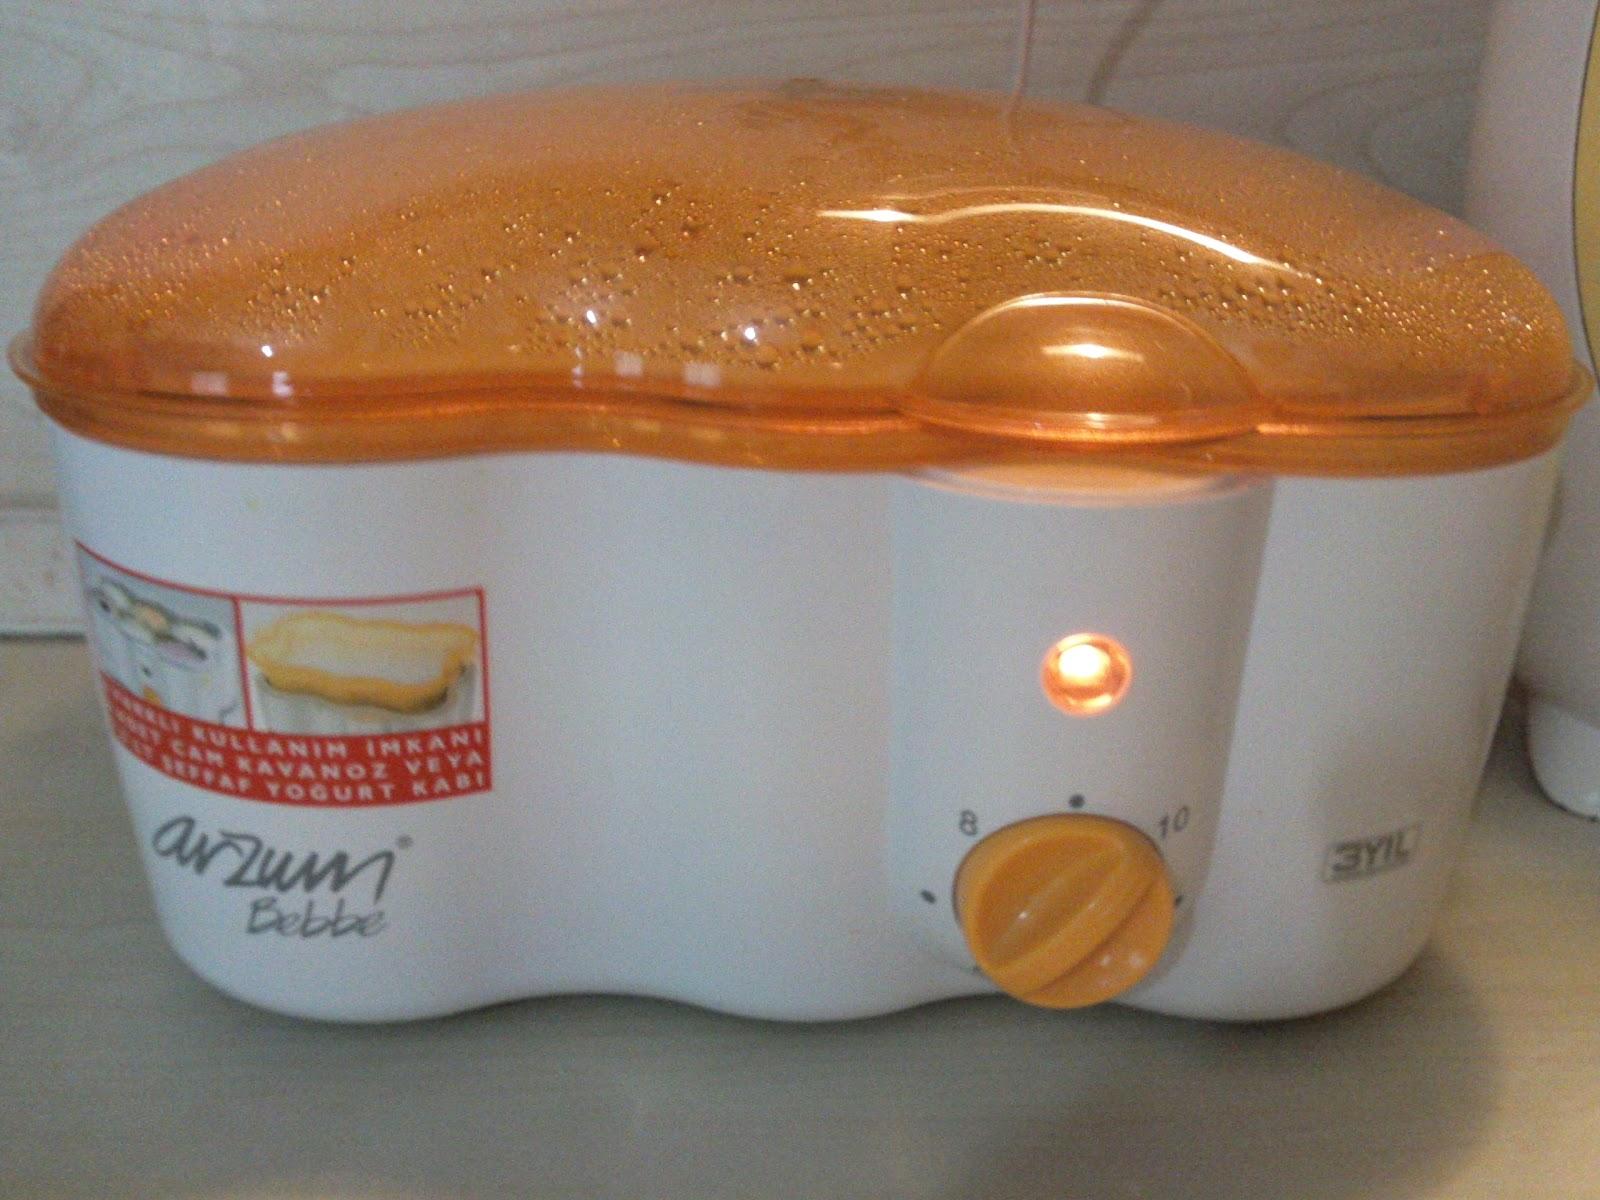 Bebekler için evde peynir nasıl yapılır